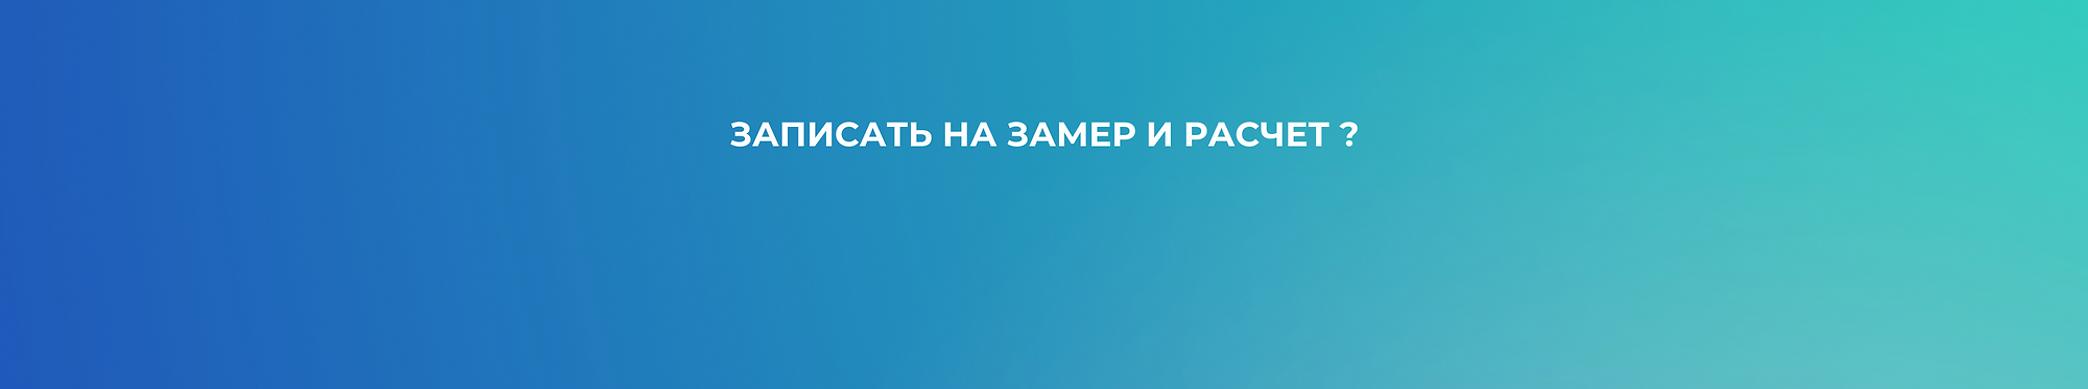 сайт ЗАГОЛОВОК, 1900_450 (22).png